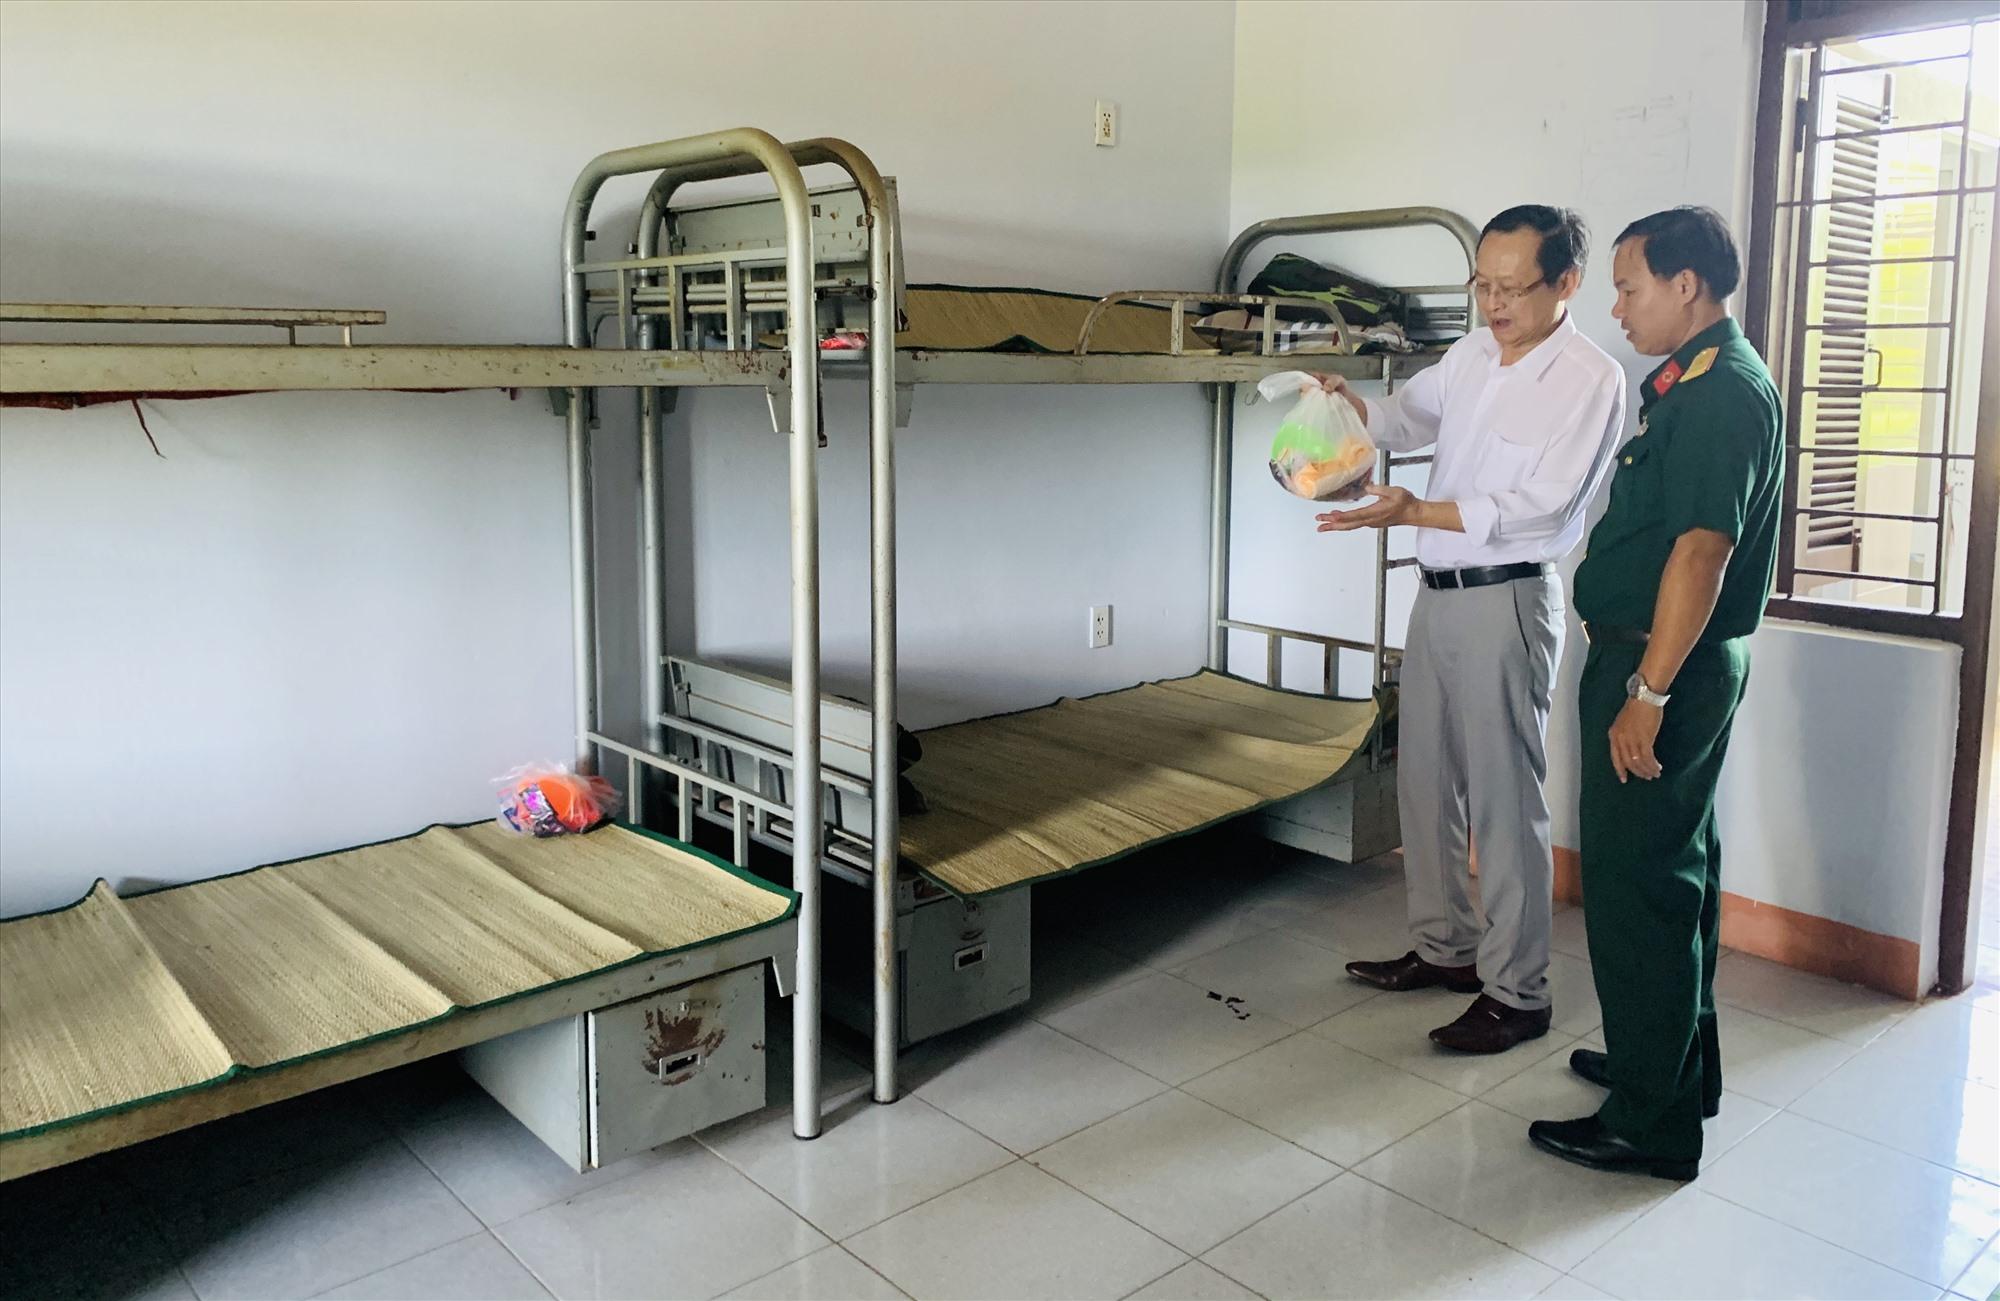 Đại diện Ban Chỉ đạo Covid-19 tỉnh đi kiếm tra lần cuối các phòng ở cho công dân về từ Đài Loan. Ảnh: PHAN VINH